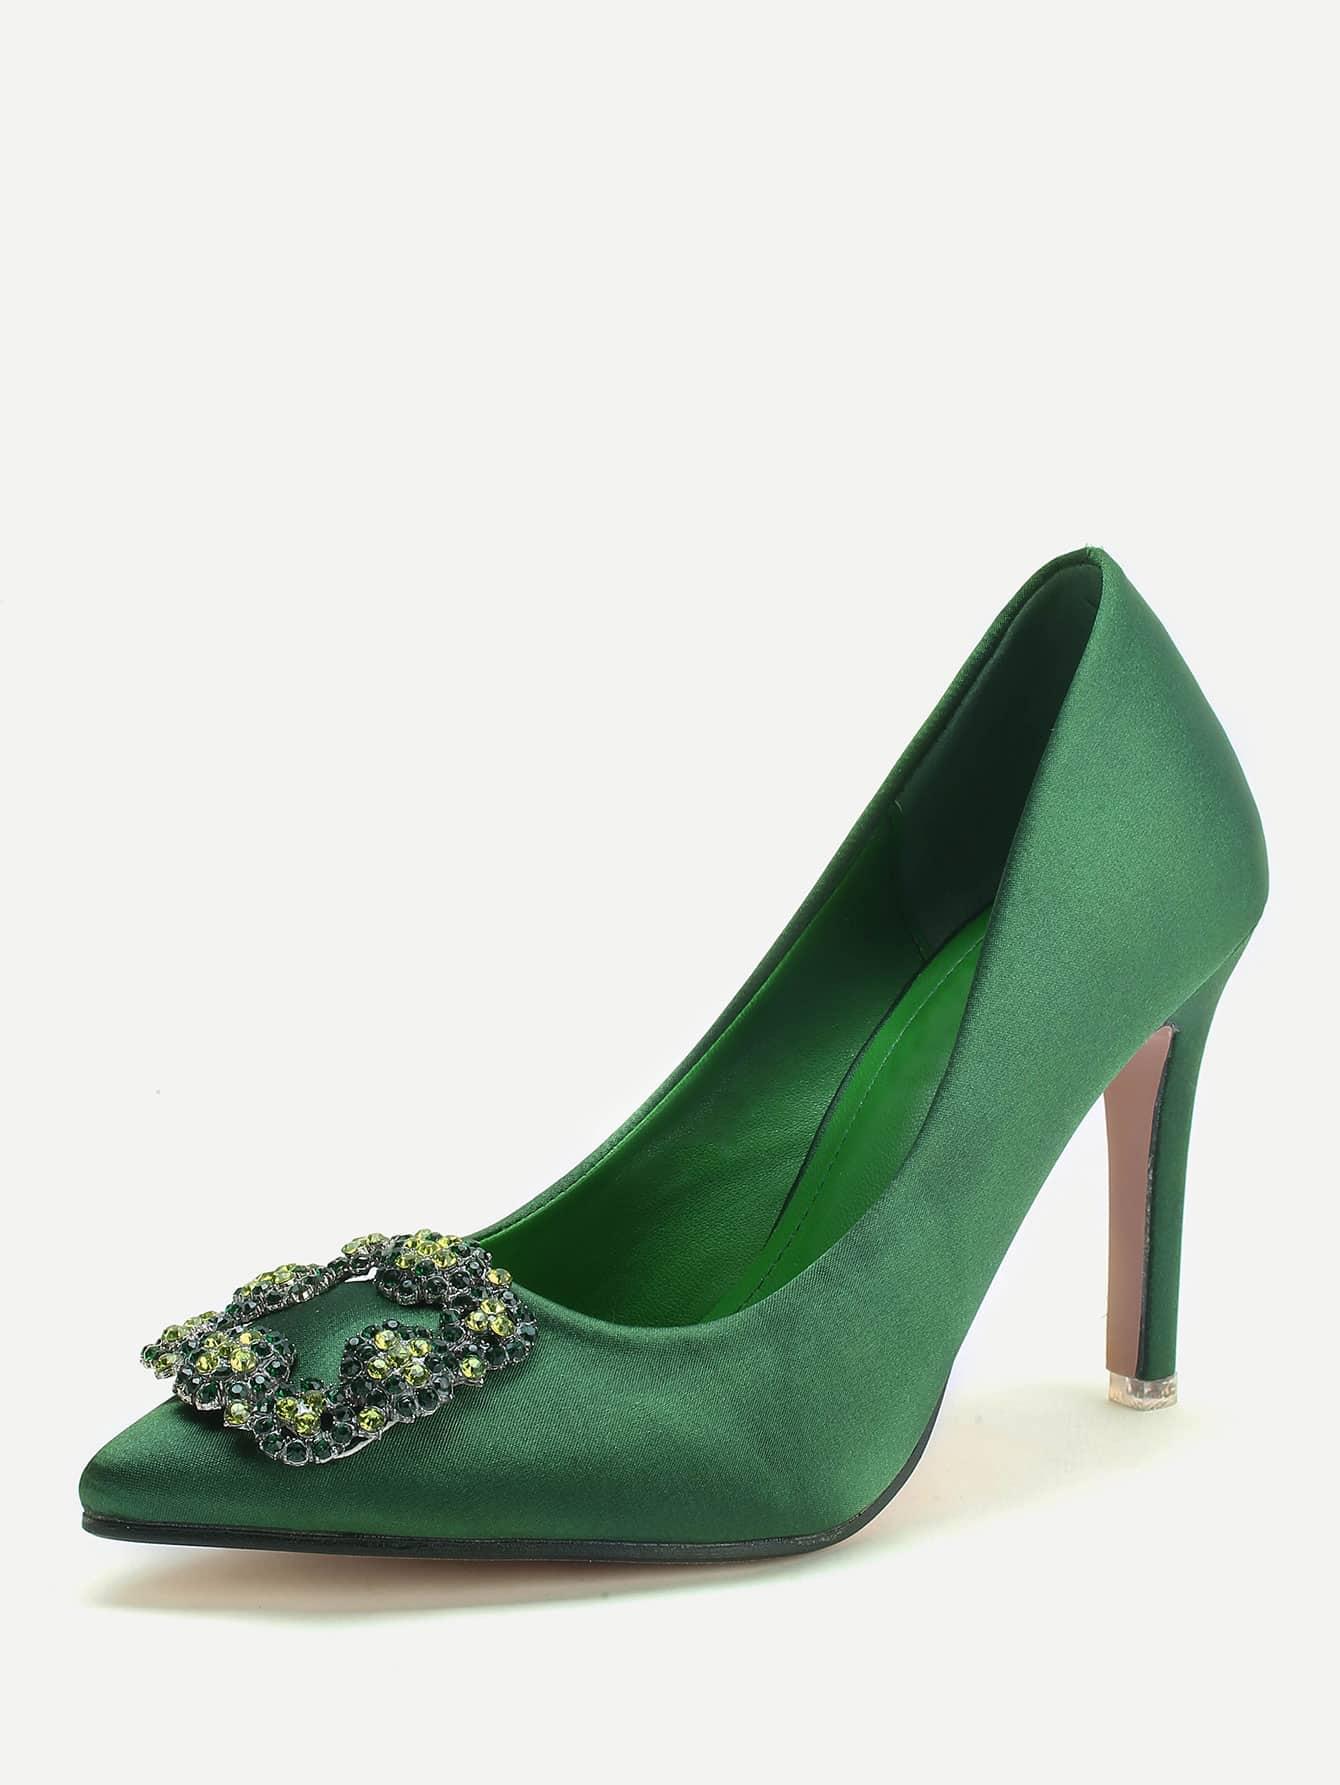 shoes170222803_2